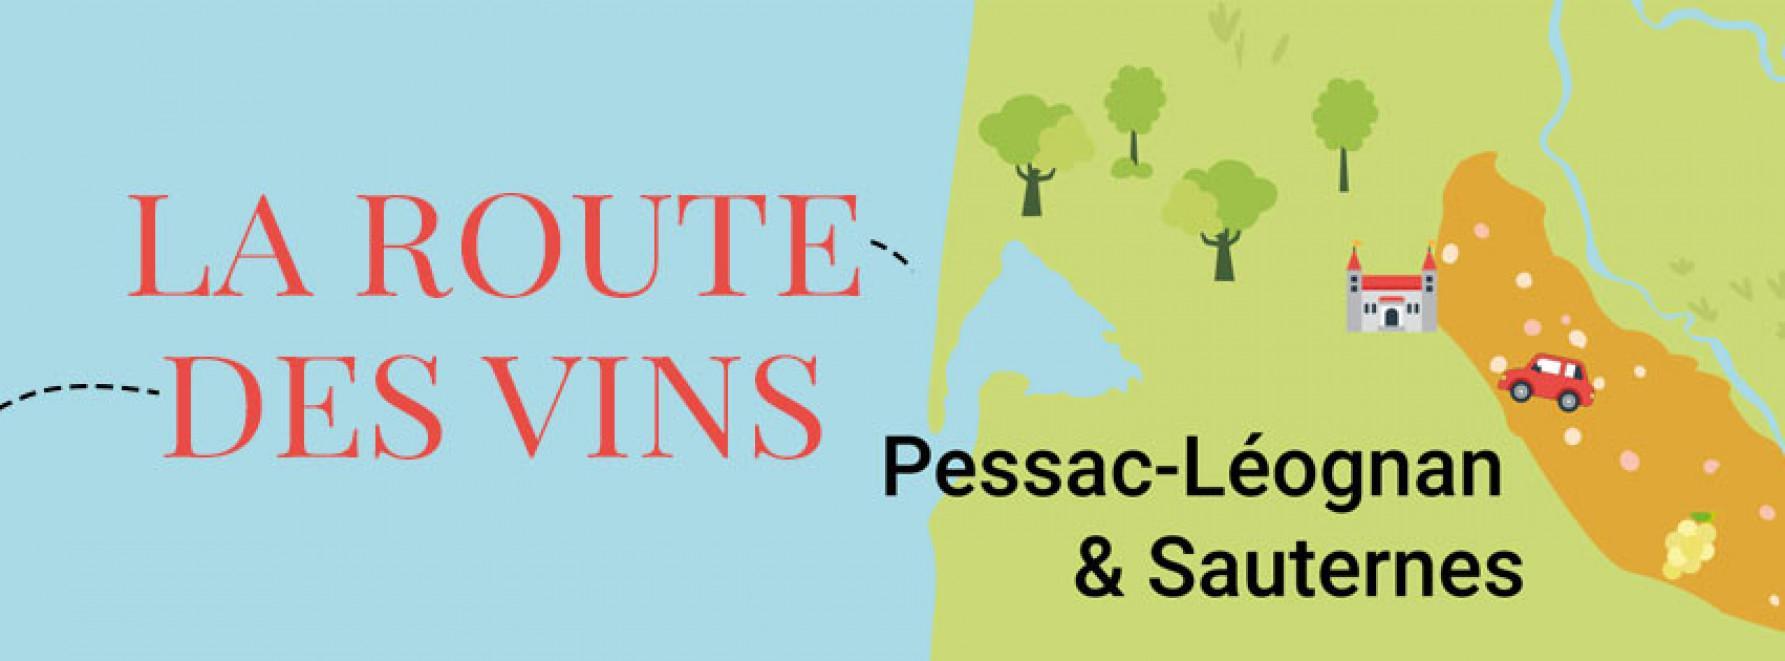 La route des vins : direction Pessac rouge & blanc et Sauternes